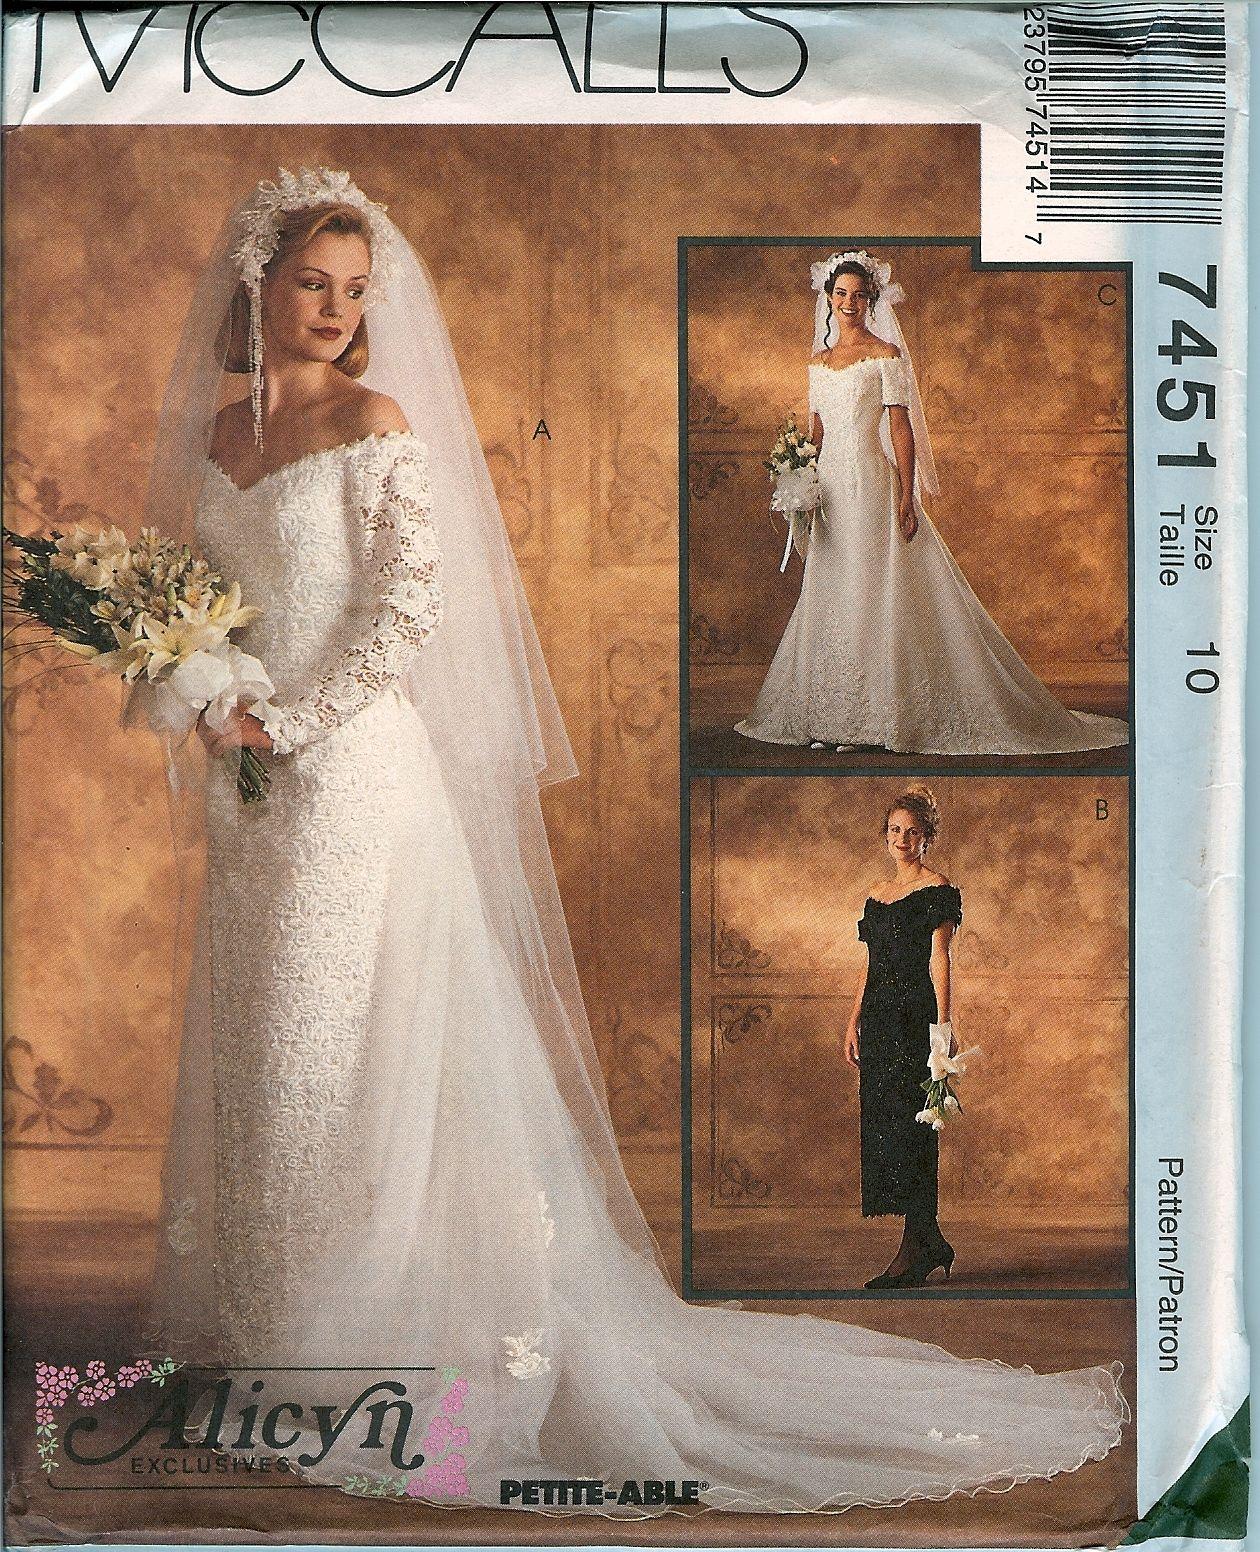 McCalls 7451 Alicyn Bridal Wedding Vintage Gown Dress